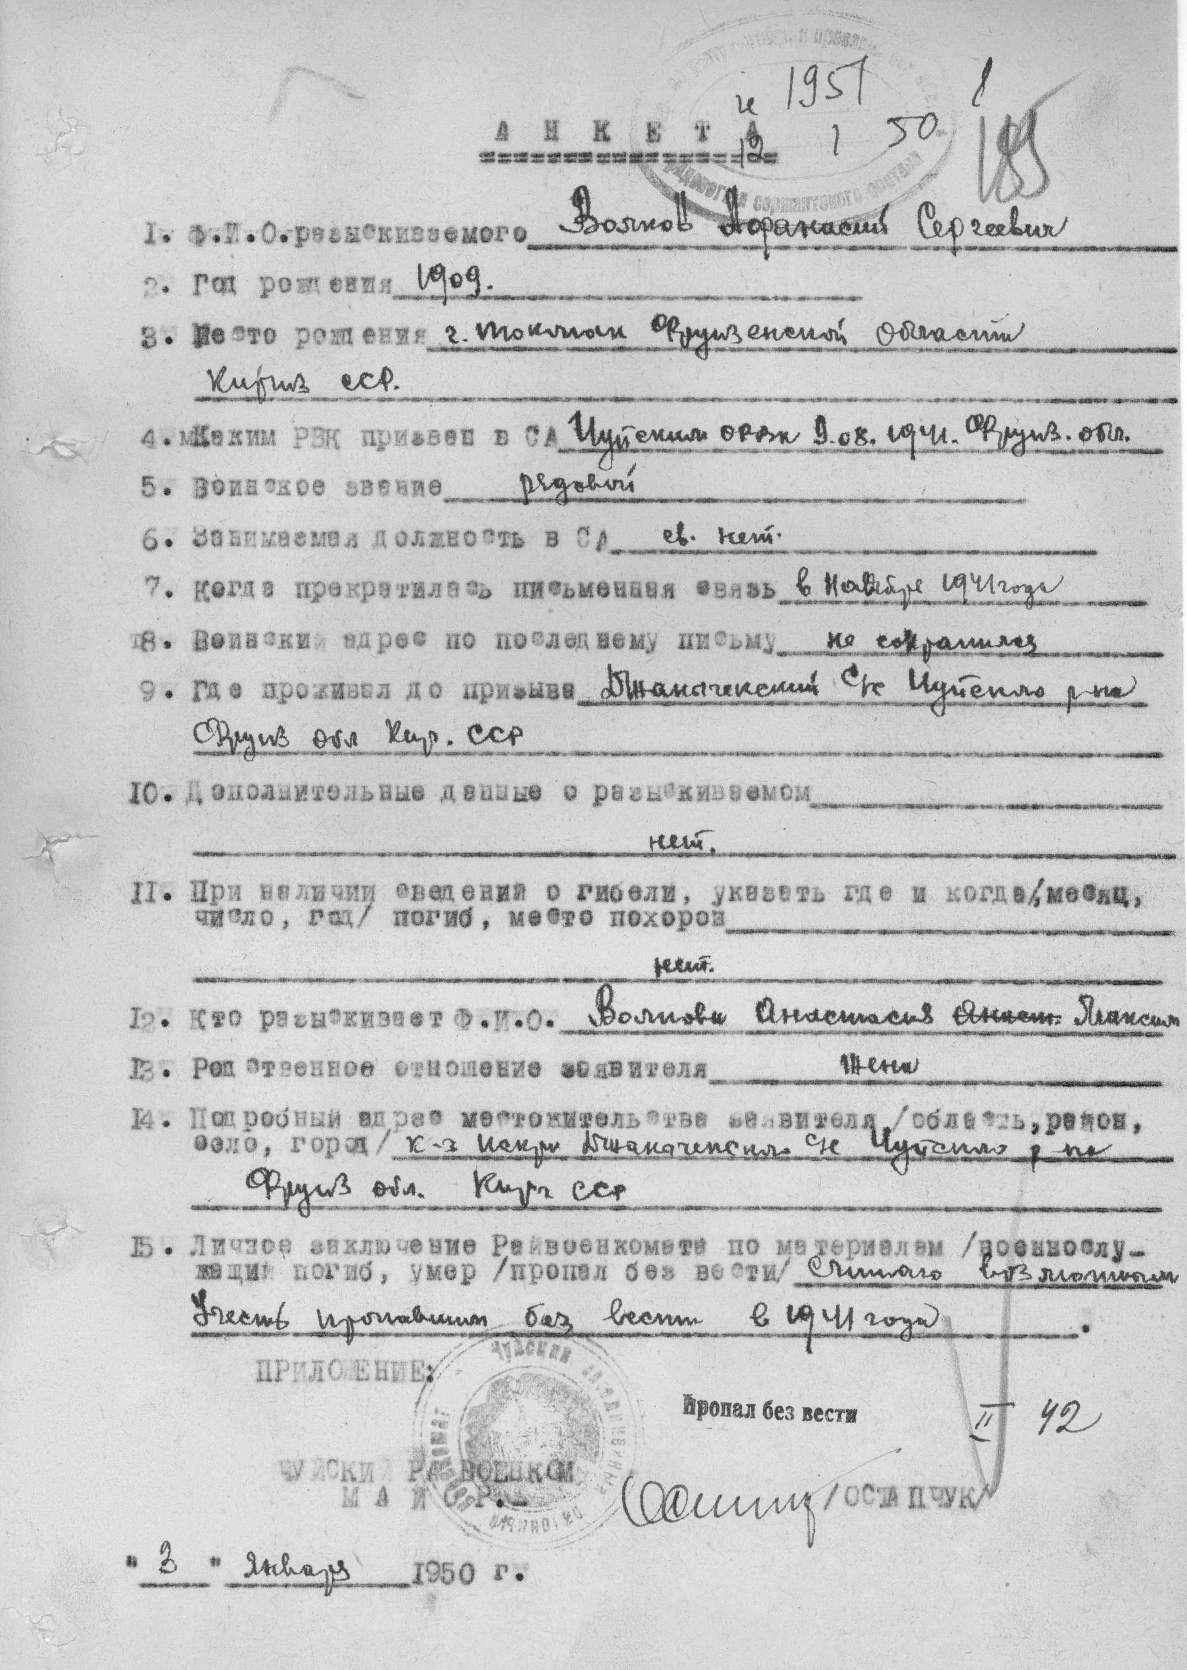 Продюсер юрий никитин - часть 2